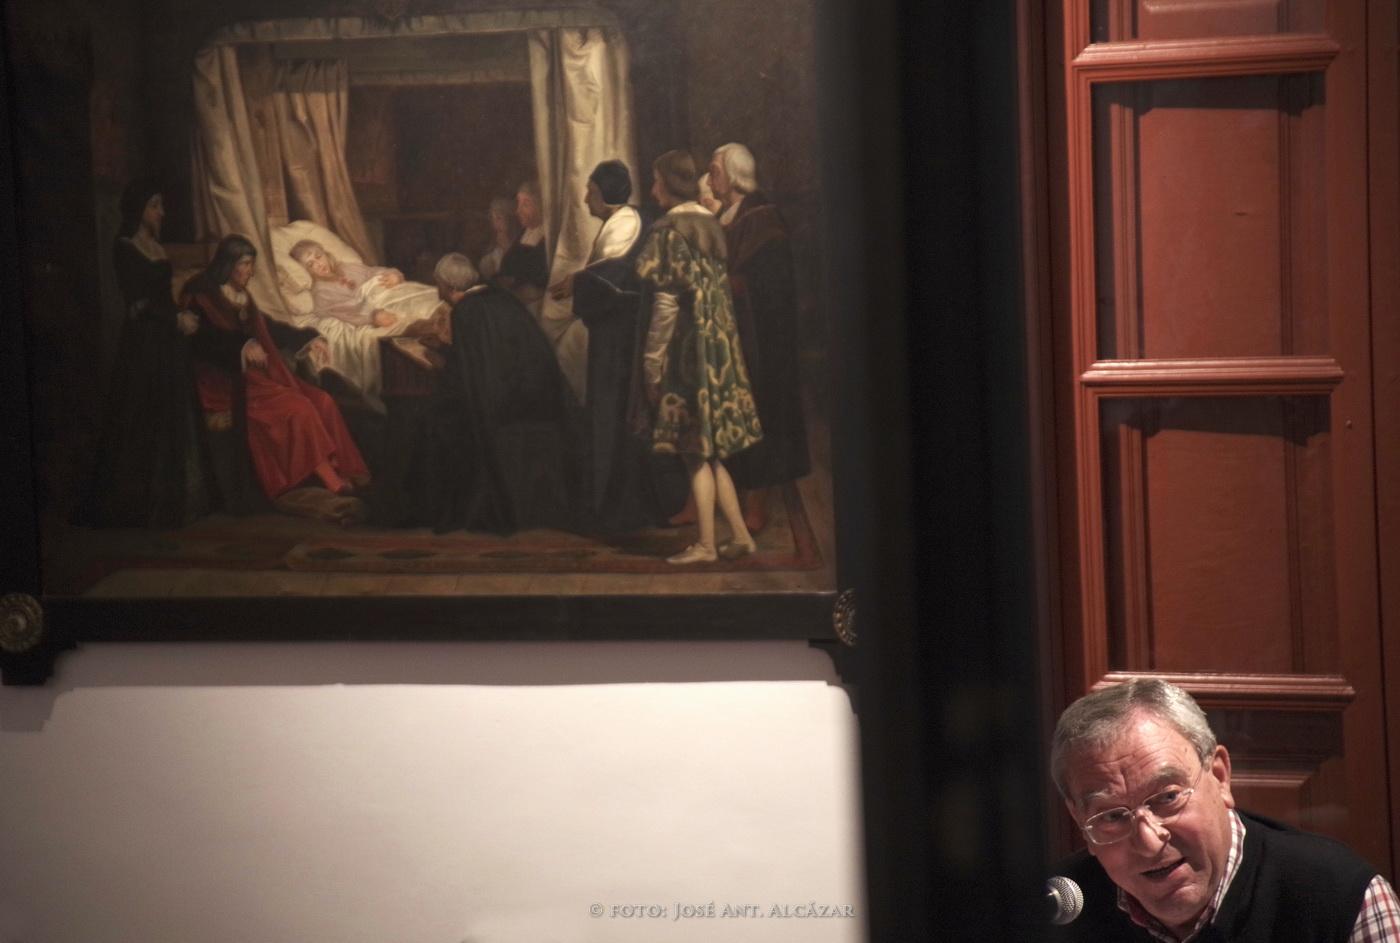 retrato de un conferenciante con una pintura histórica y una ventana de fondo